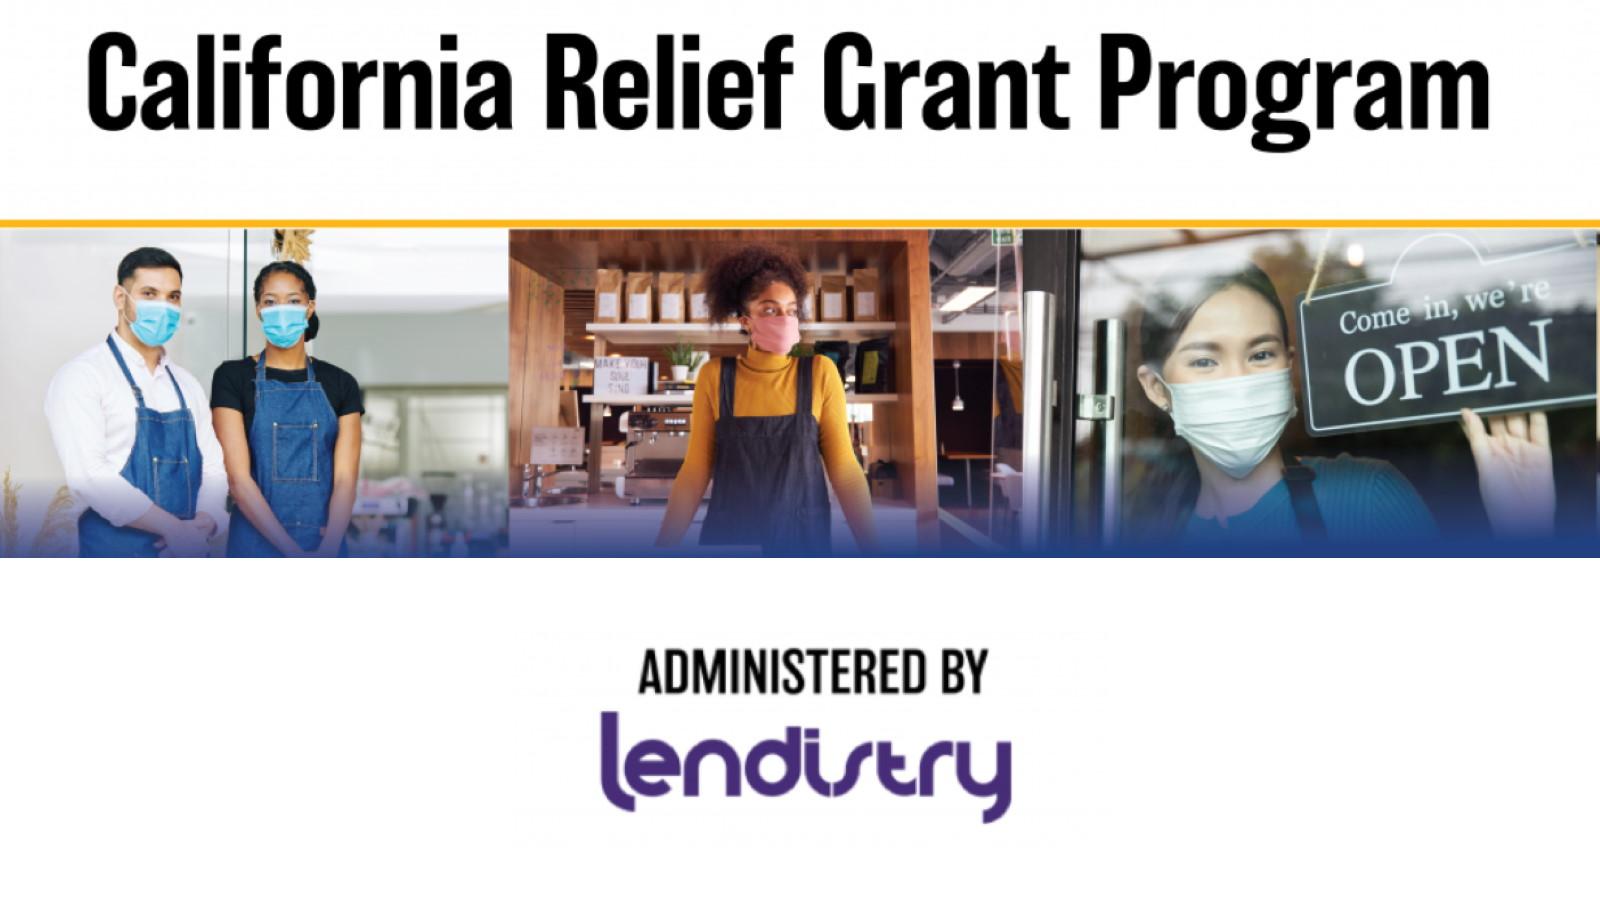 California Relief Grant